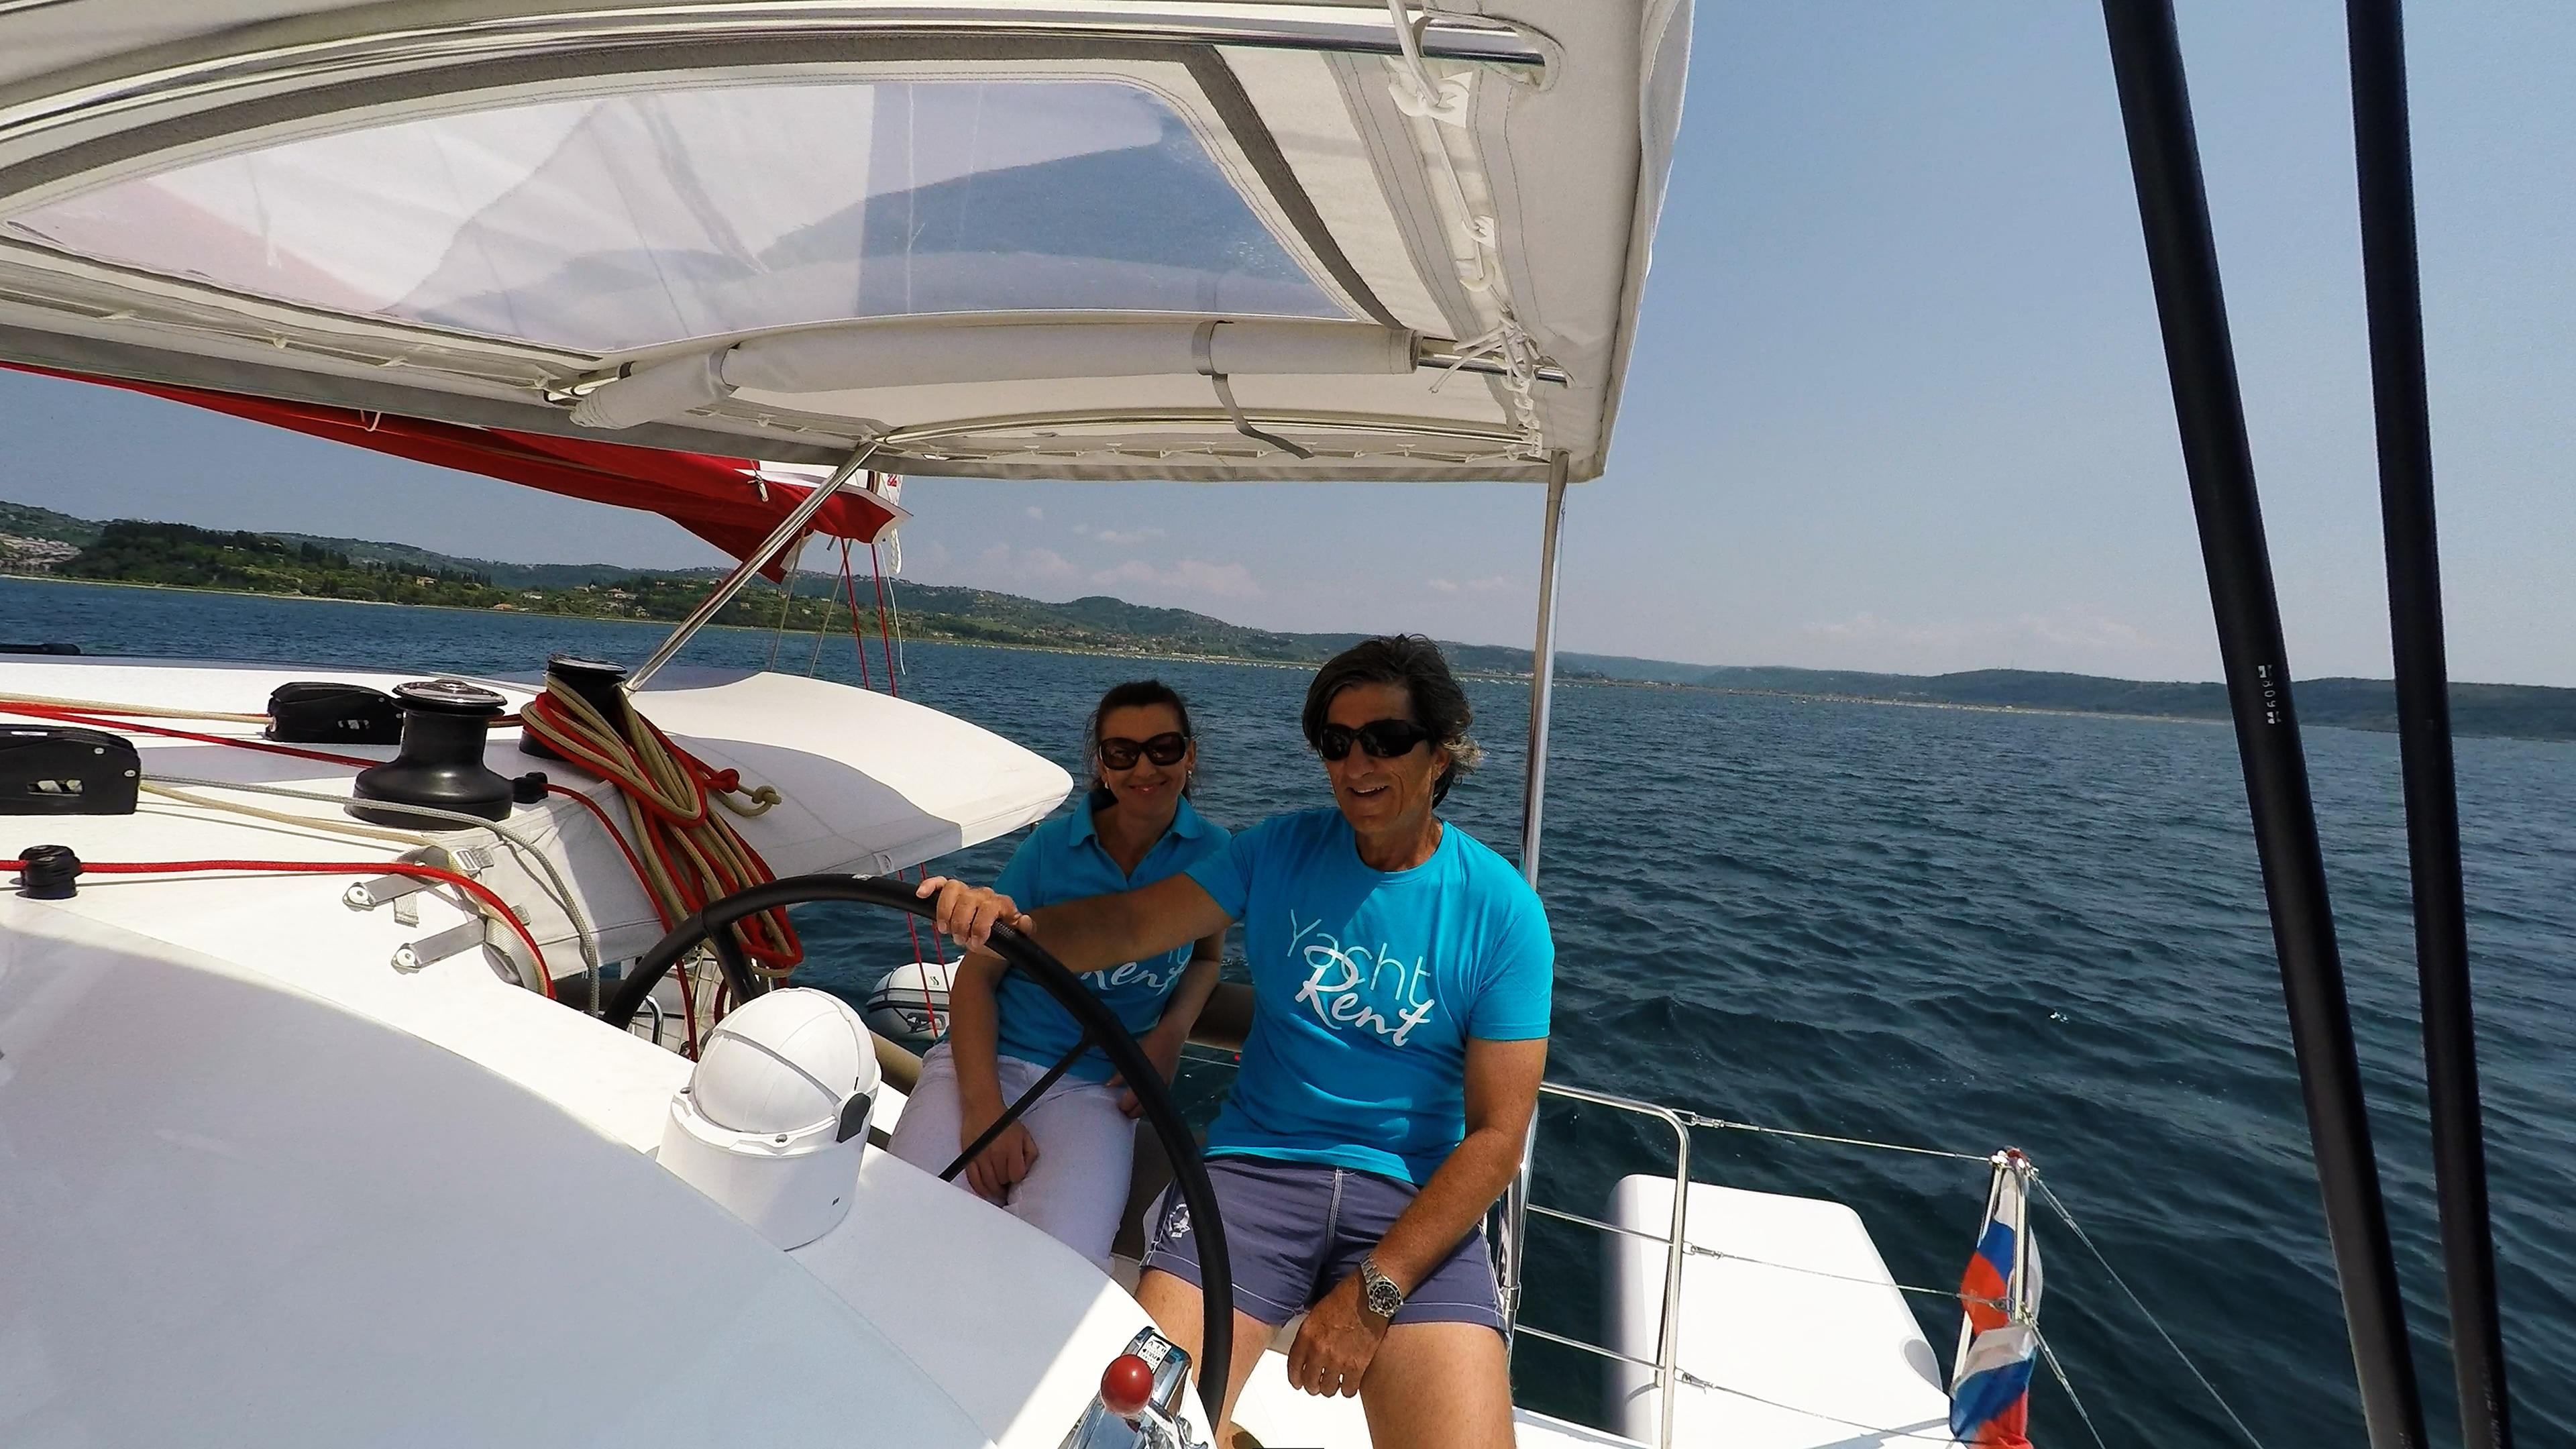 skipper e ragazza behind ruota del timone di trimarano  neel 45 yacht 1